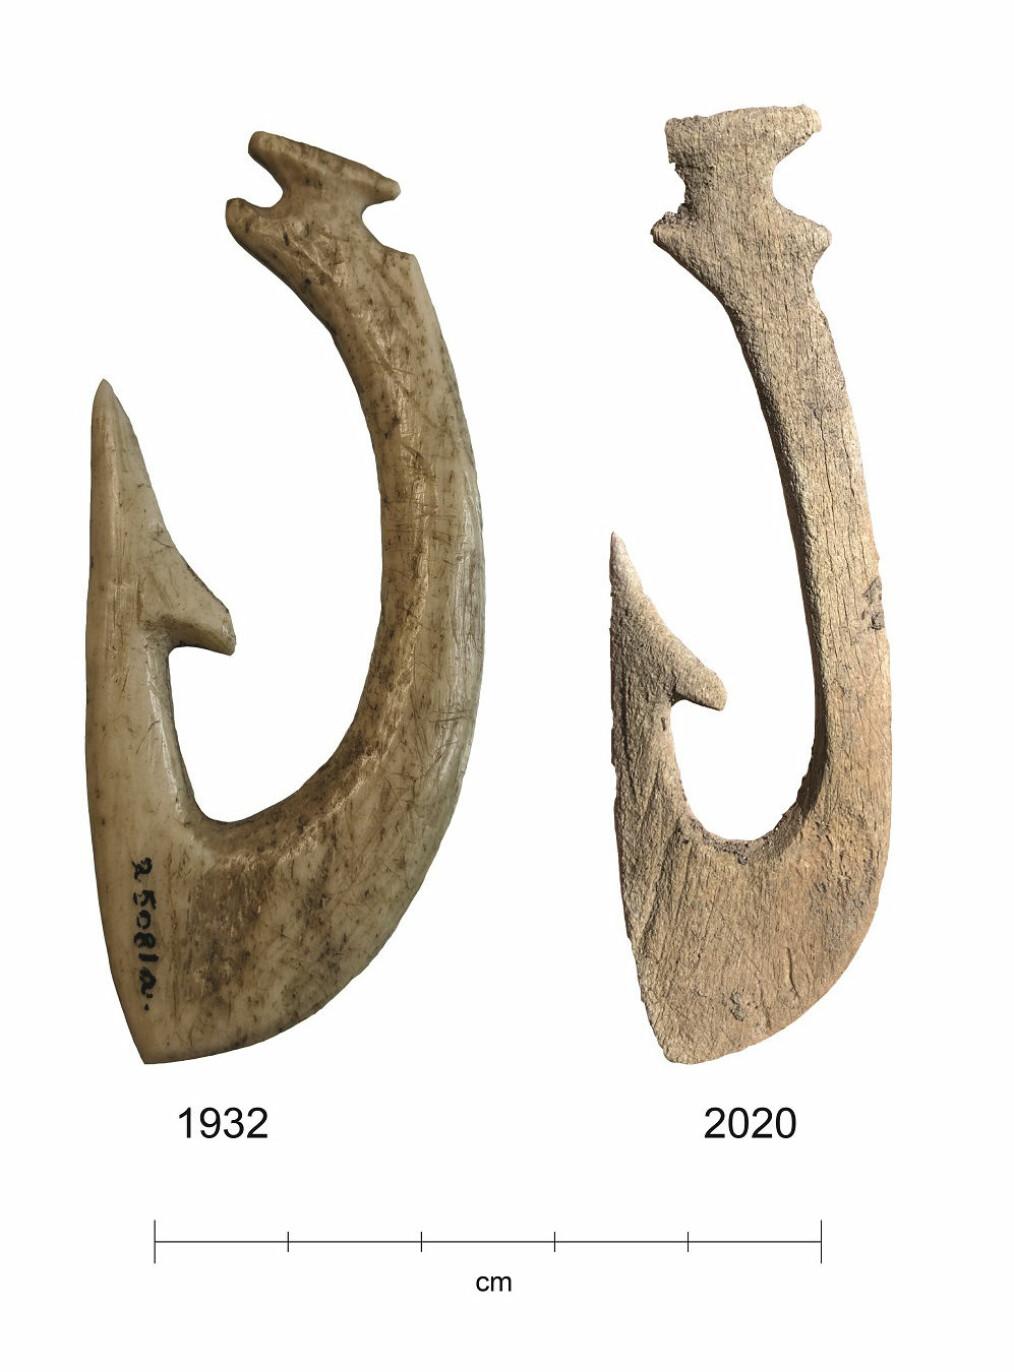 Ekstremt gode forhold i myra har bevart de 5000 år gamle beinredskapene svært godt. Men etter at myra ble drenert, er bevaringsforholdene endret. Fiskekroken funnet i 2020 er i klart dårligere stand enn kroken funnet i 1932.